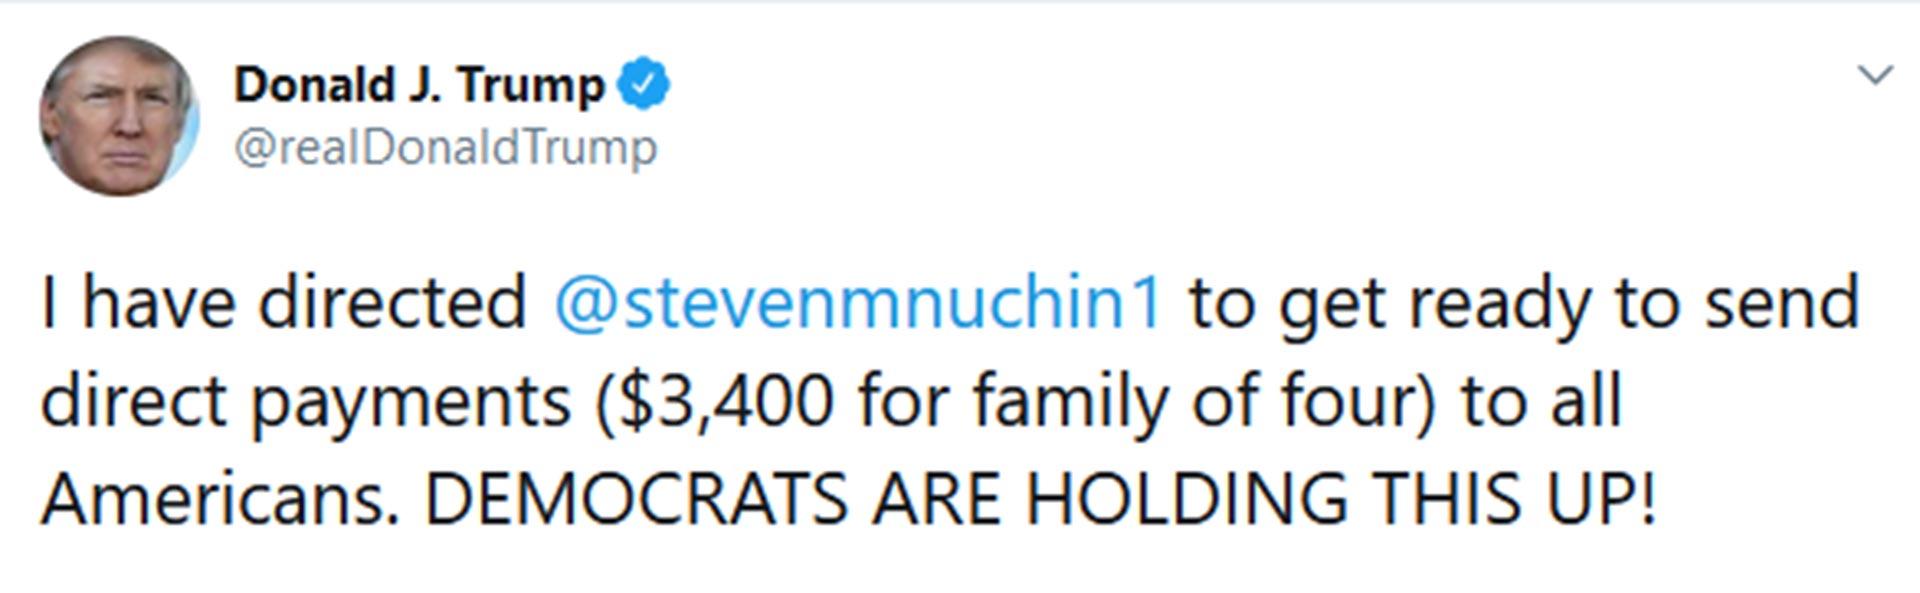 """""""He ordenado a Steven Mnuchin que se prepare para enviar pagos directos (3.400 dólares para una familia de cuatro personas) a todos los estadounidenses. ¡LOS DEMÓCRATAS ESTÁN EVITANDO QUE ESTO OCURRA!"""""""